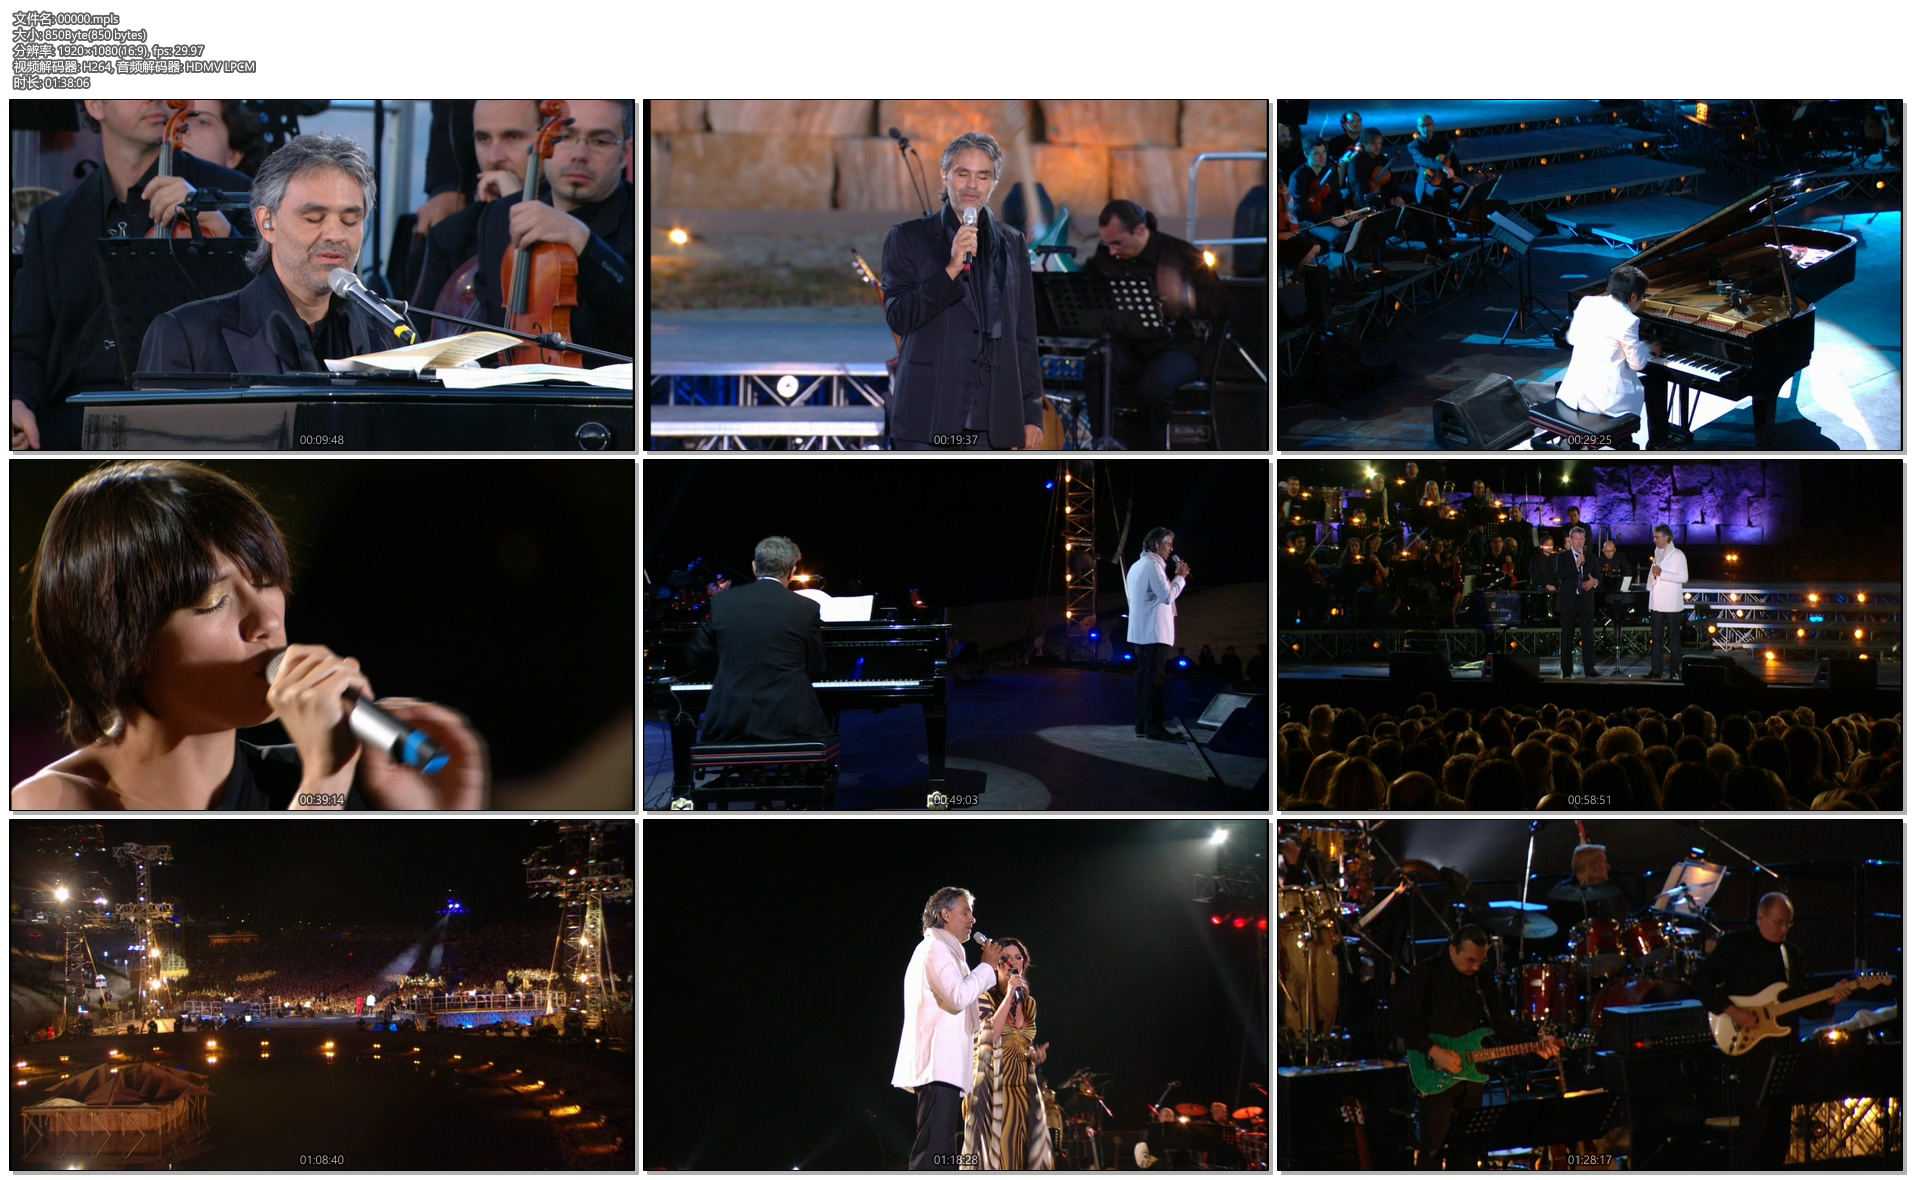 [蓝光原盘] 安德烈.波切利Andrea Bocelli – Vivere – Live in Tuscany 2008演唱会《ISO 21.47G》插图(3)